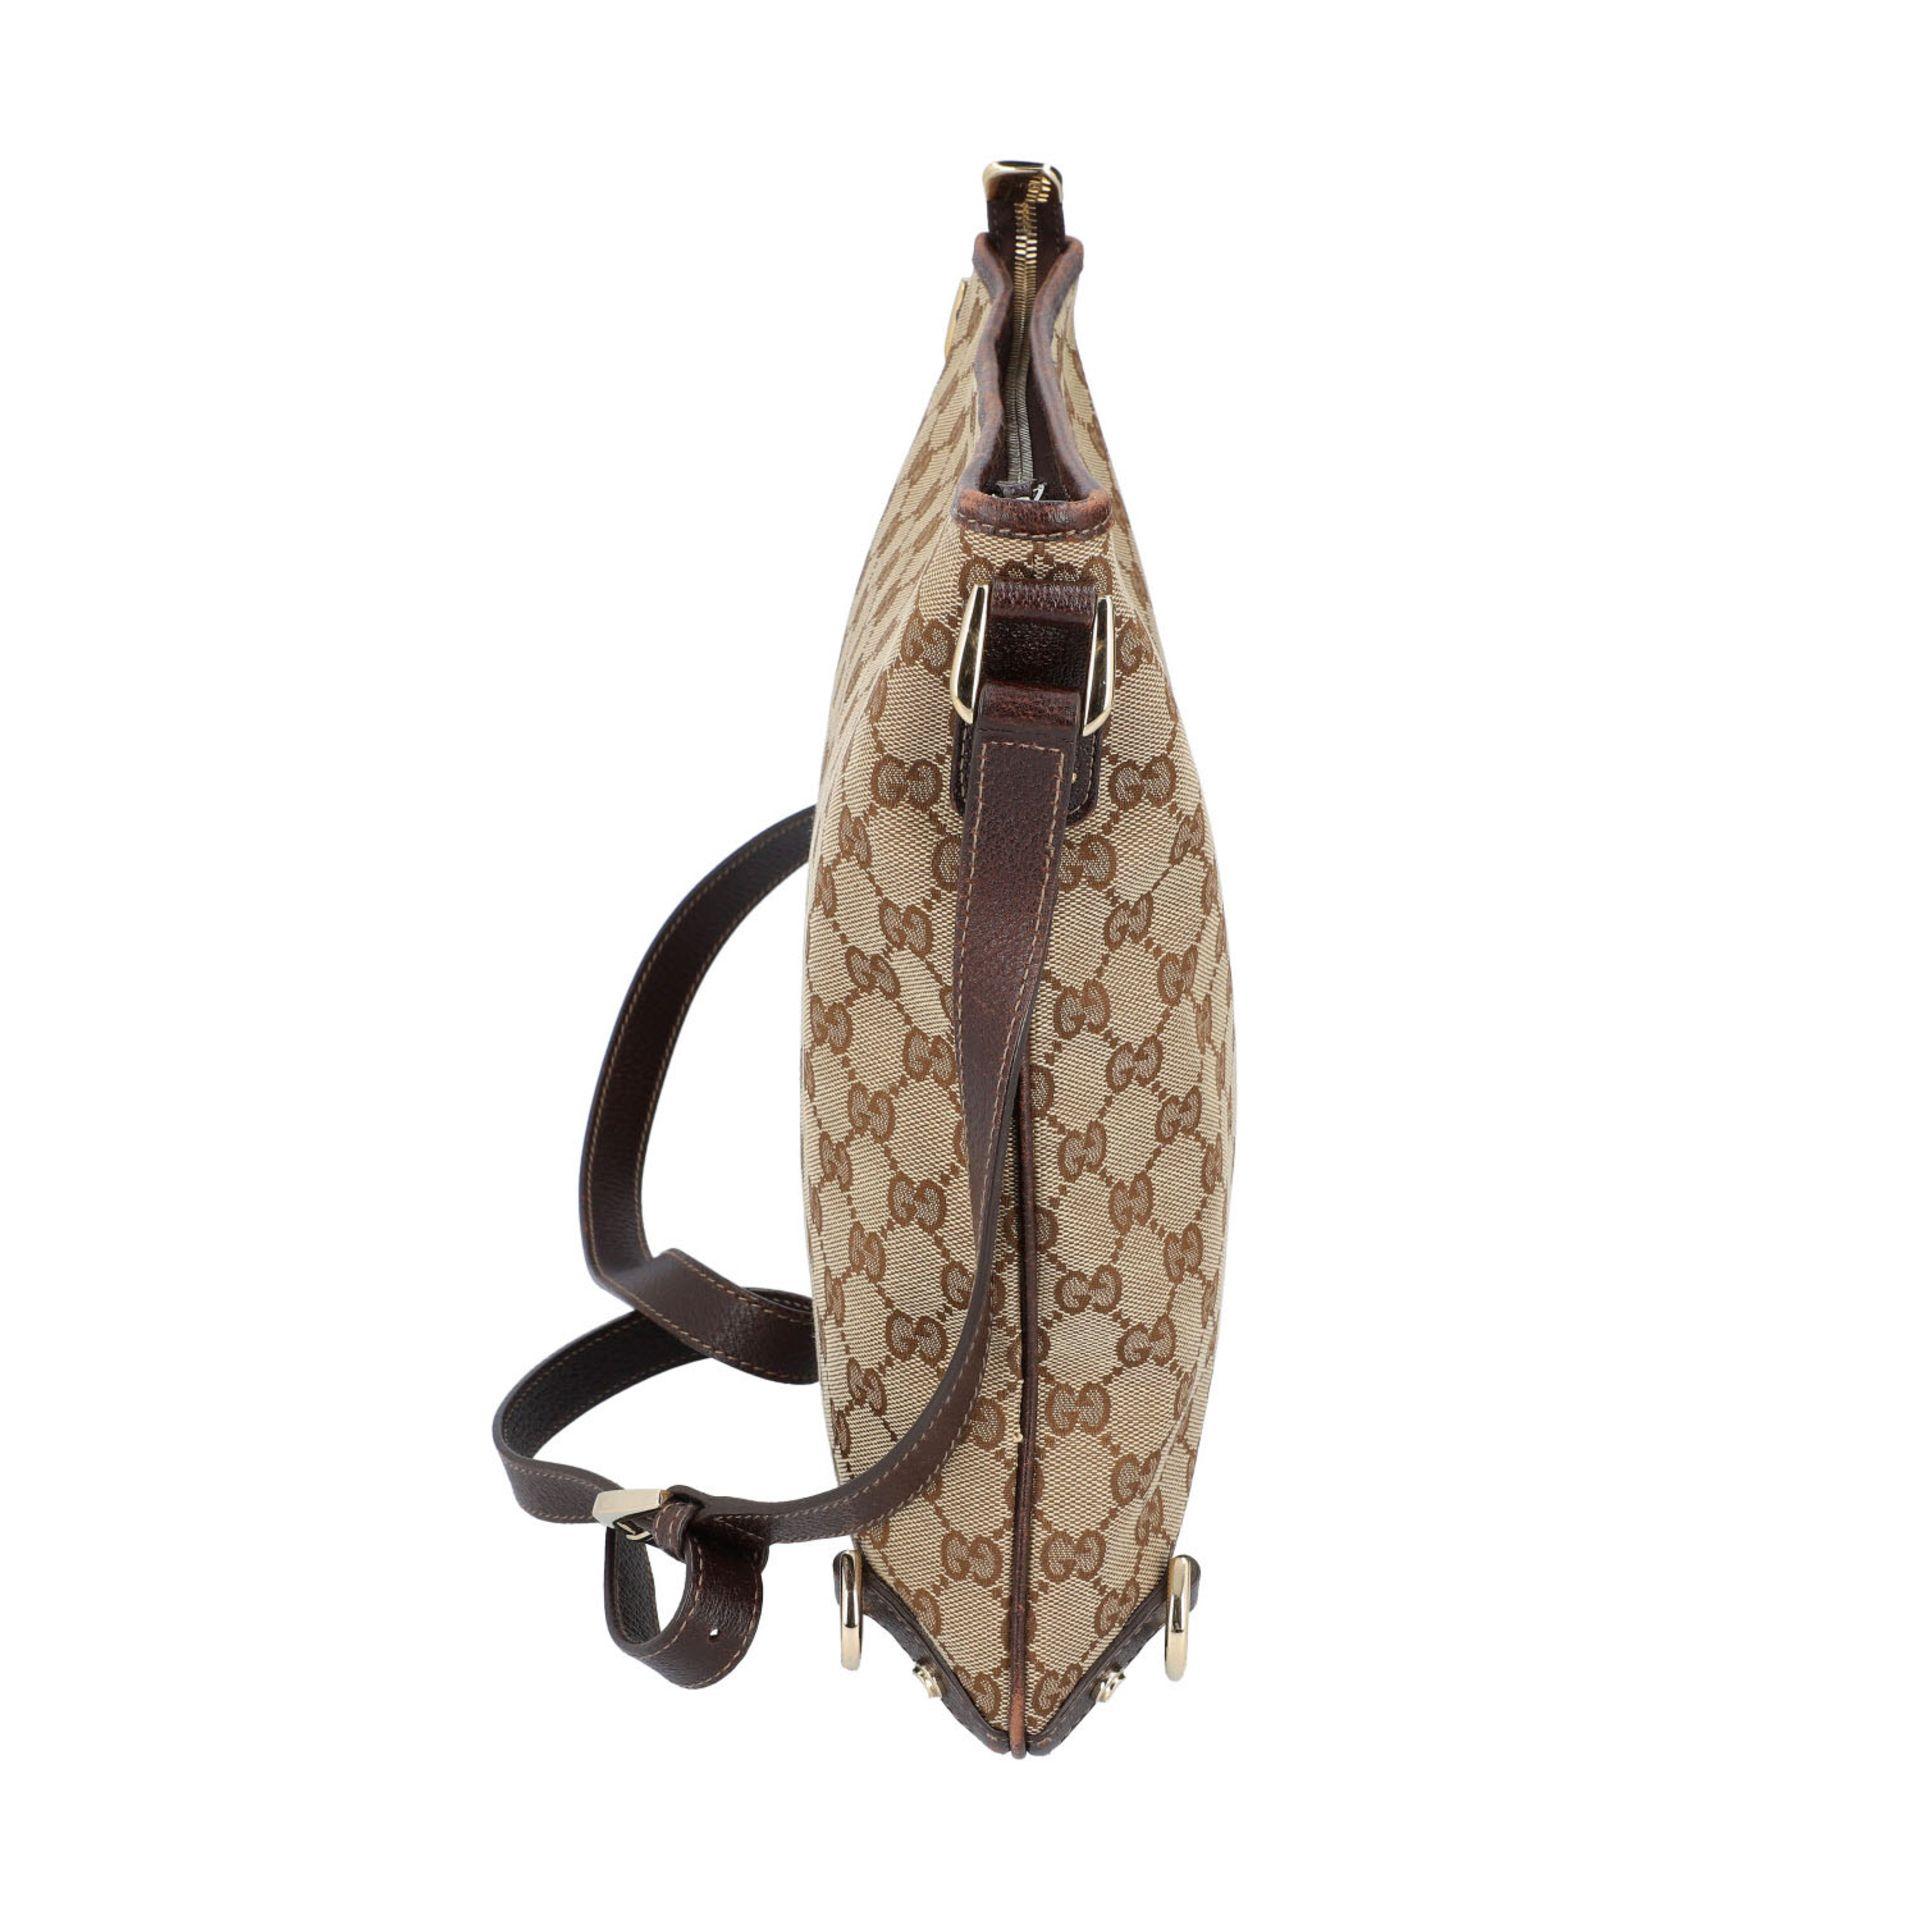 GUCCI Handtasche. Guccissima Design auf Textil in Beige und Braun, braunfarbene Leder- - Image 3 of 8